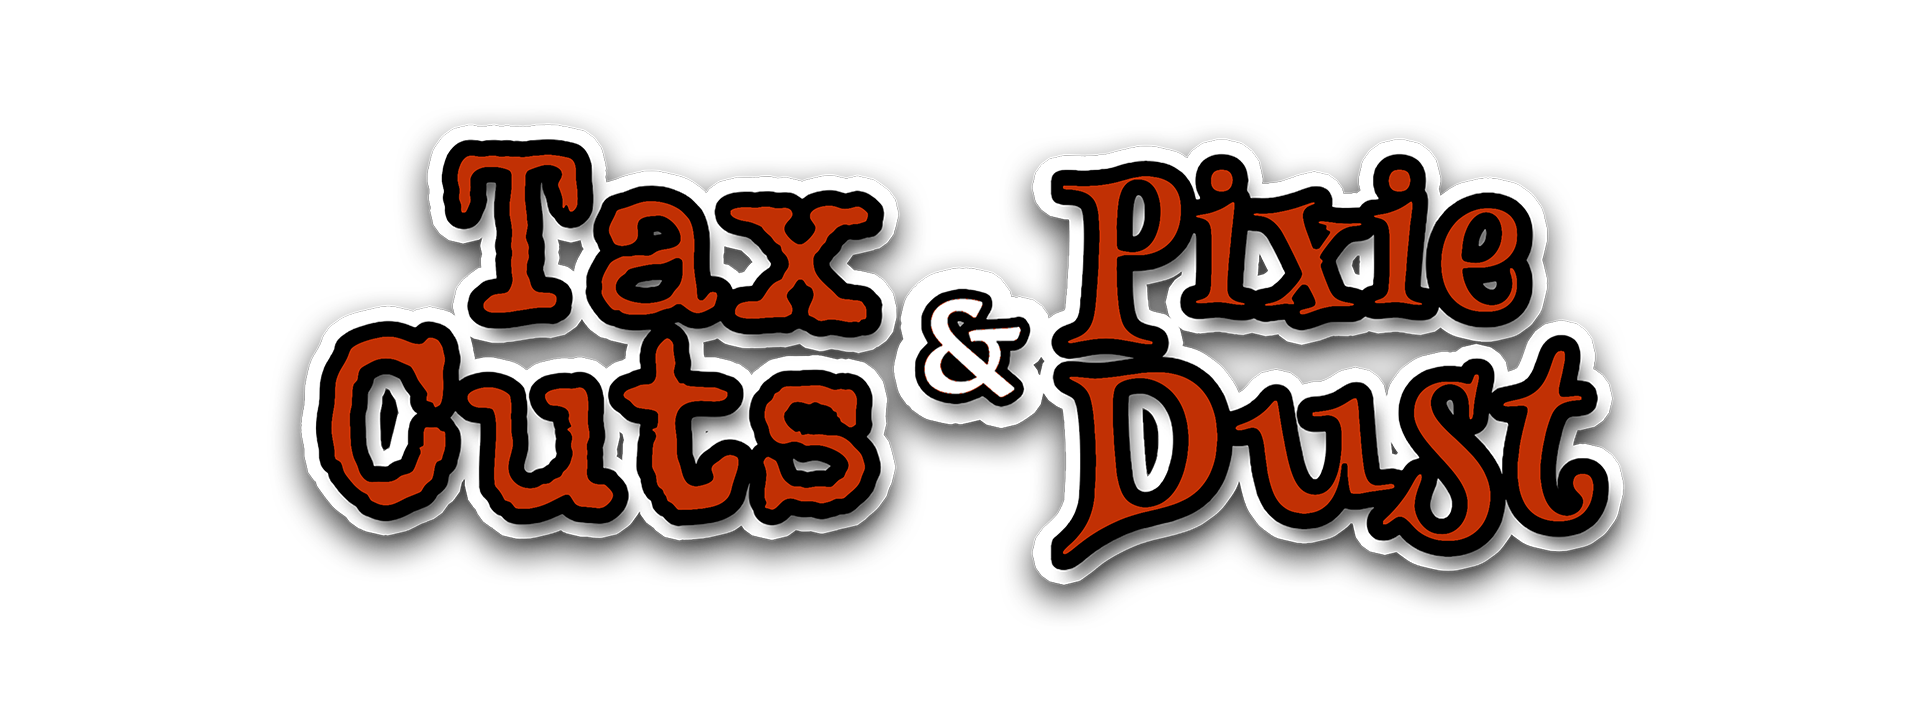 Tax Cuts & Pixie Dust